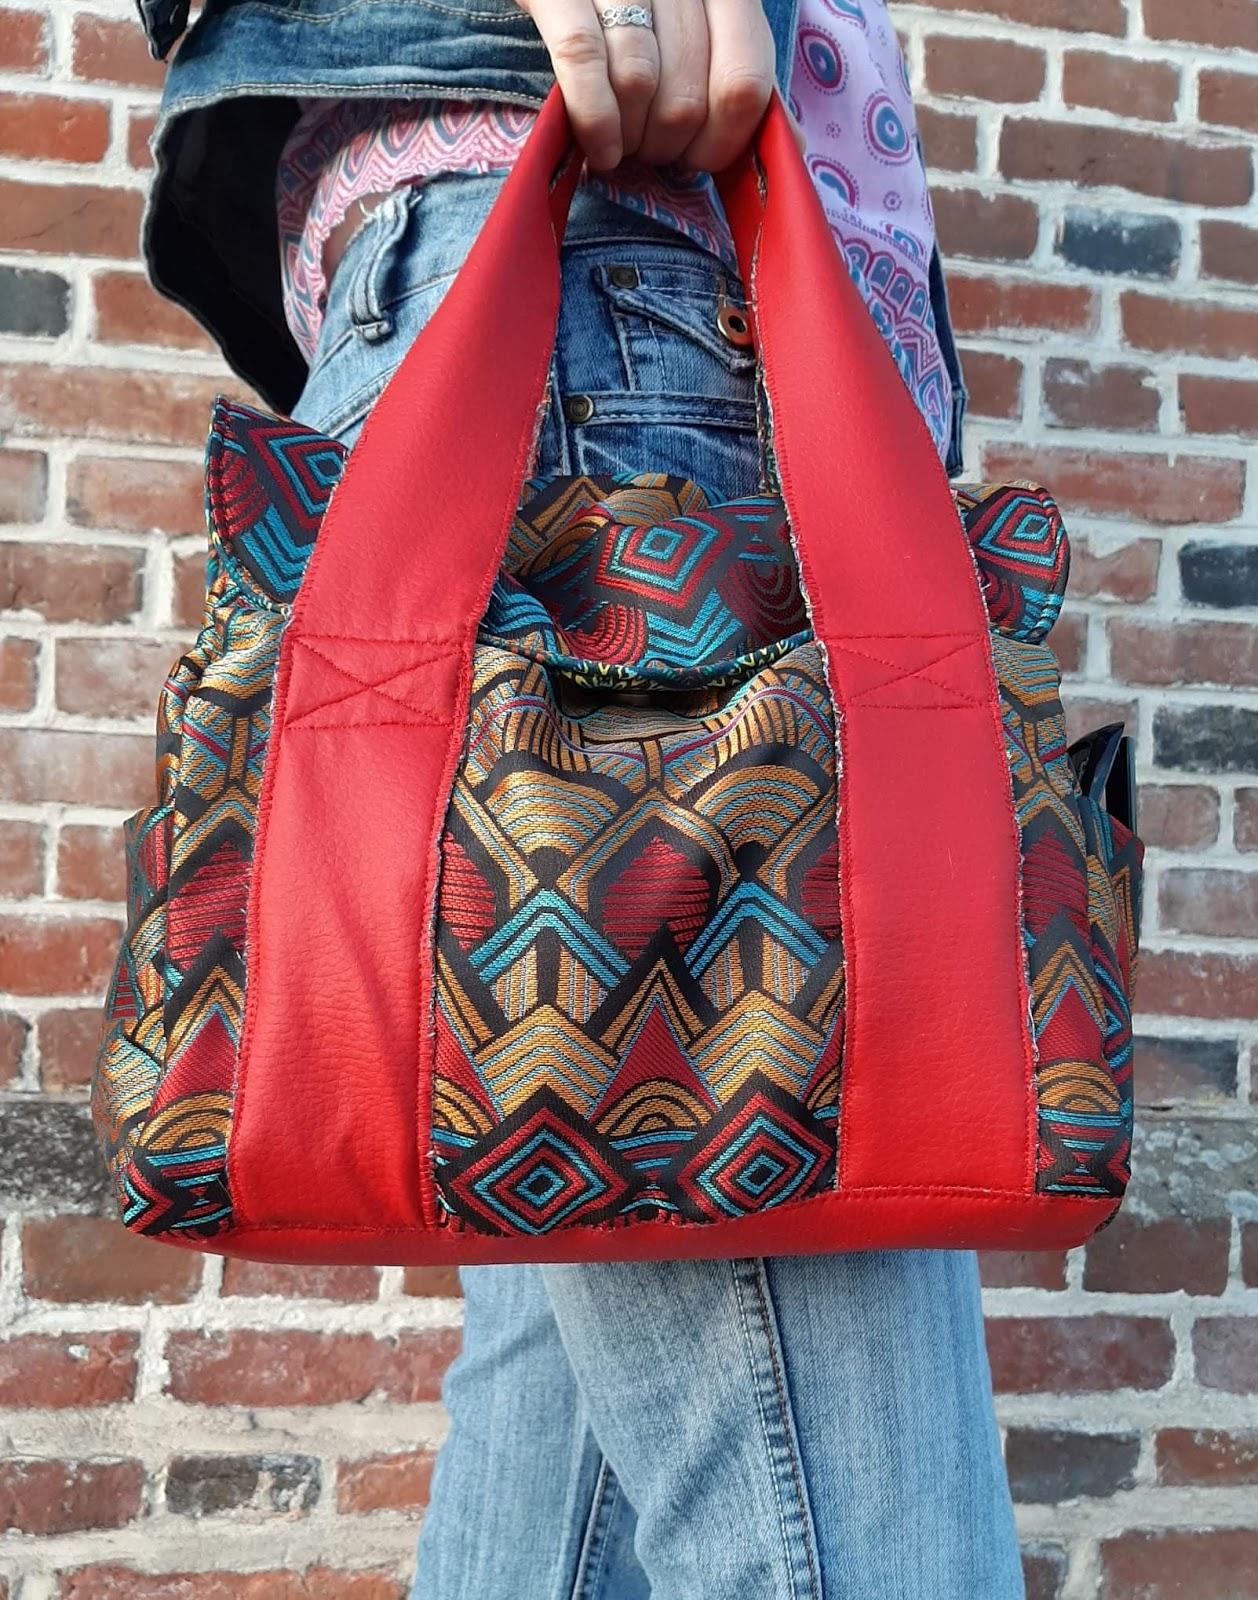 couture sac patron gratuit